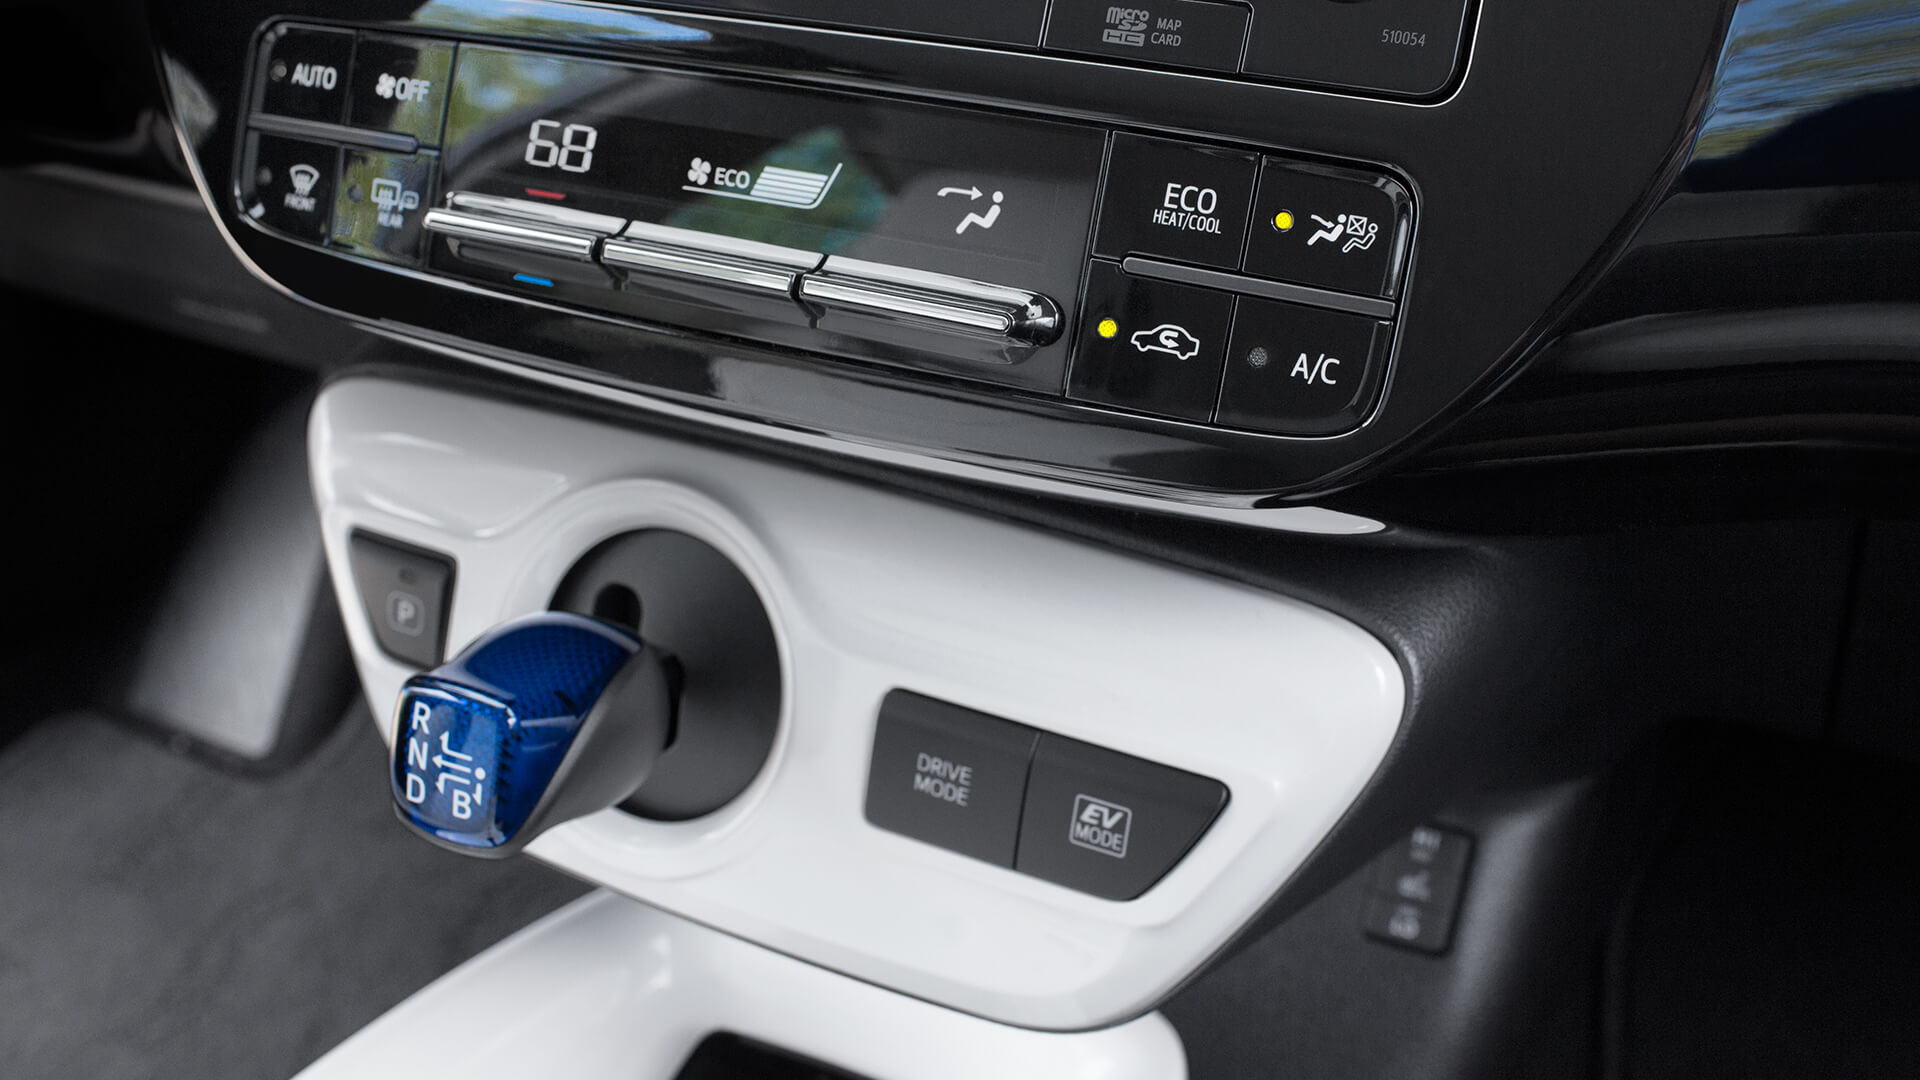 2016 Toyota Prius interior features